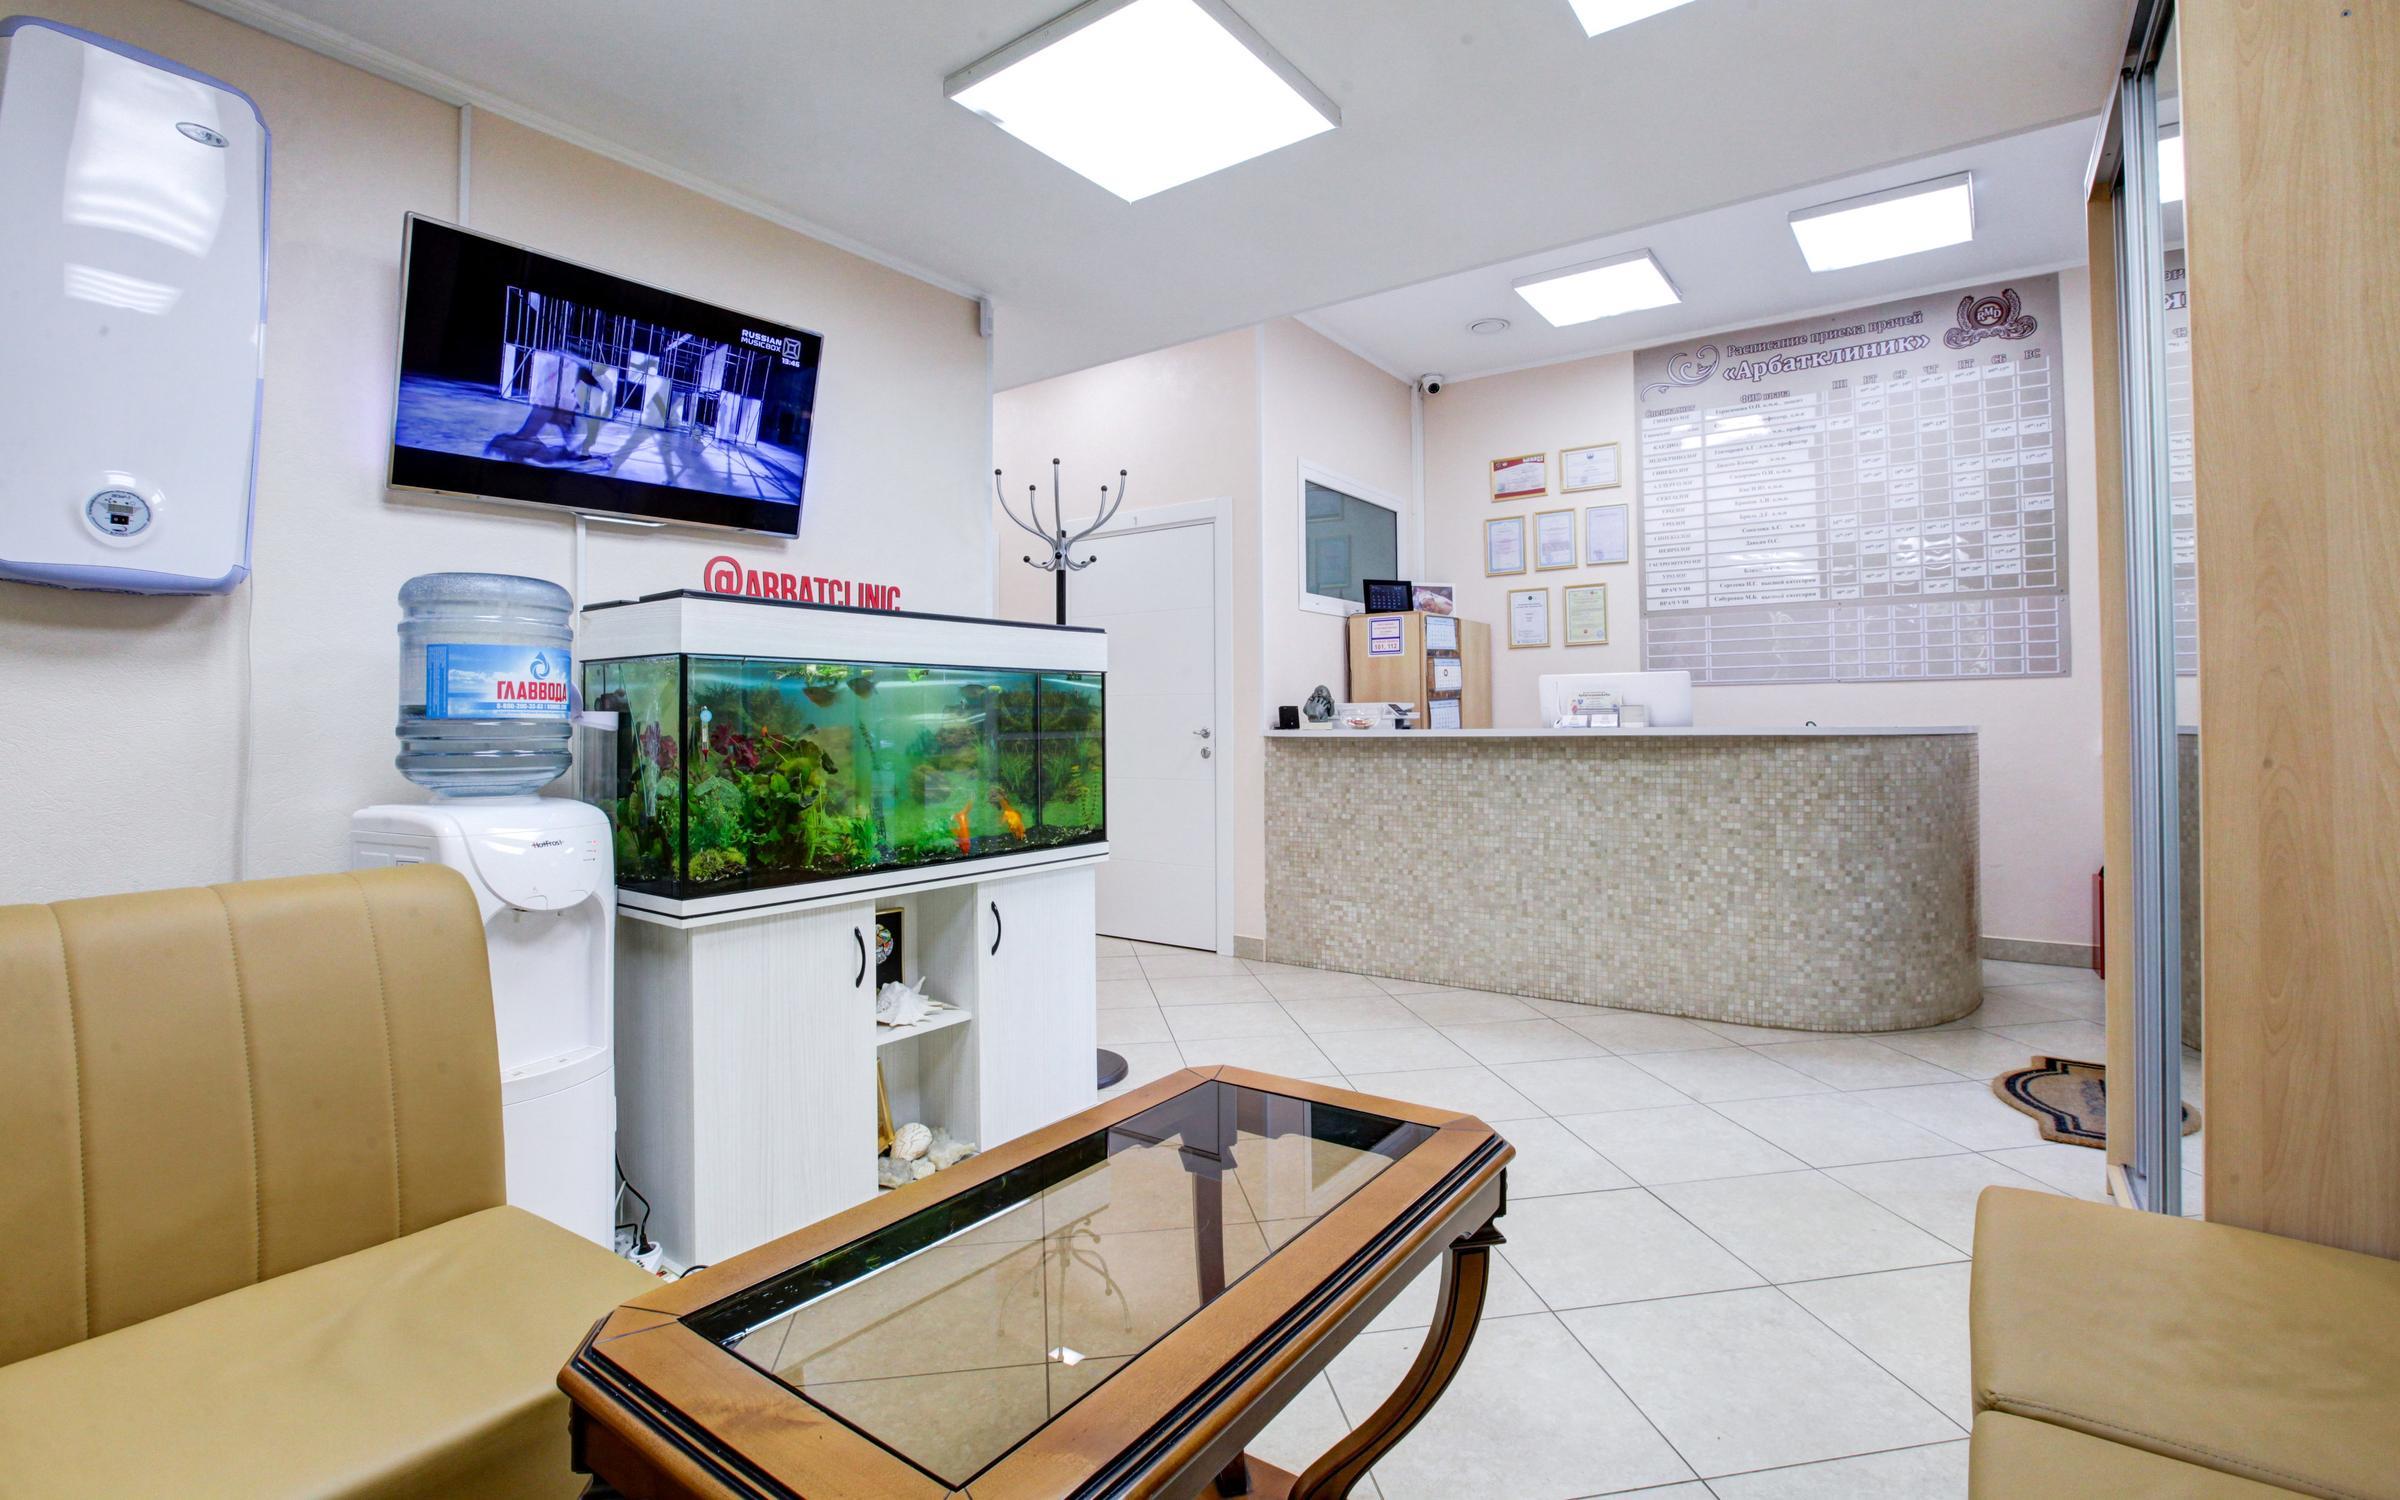 фотография Клиники Арбатклиник на метро Смоленская